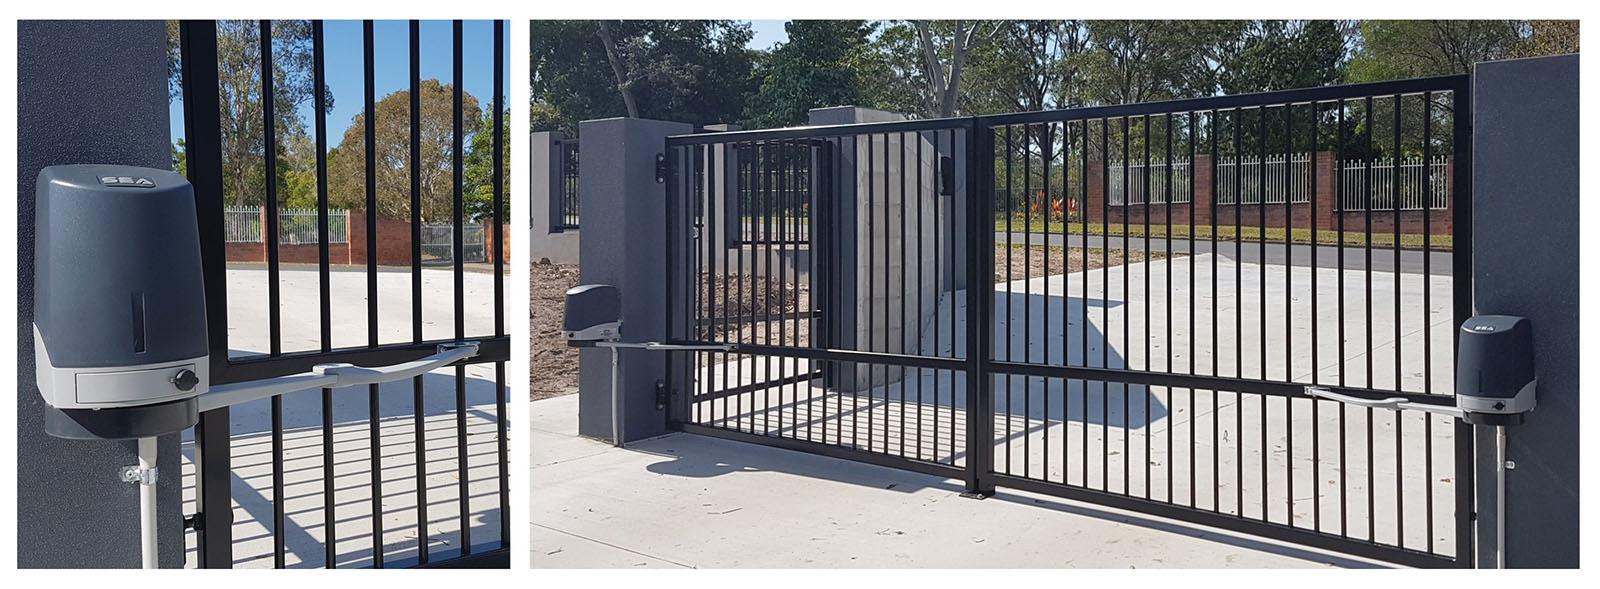 Привод распашных ворот SEA Flipper установлен на ворота